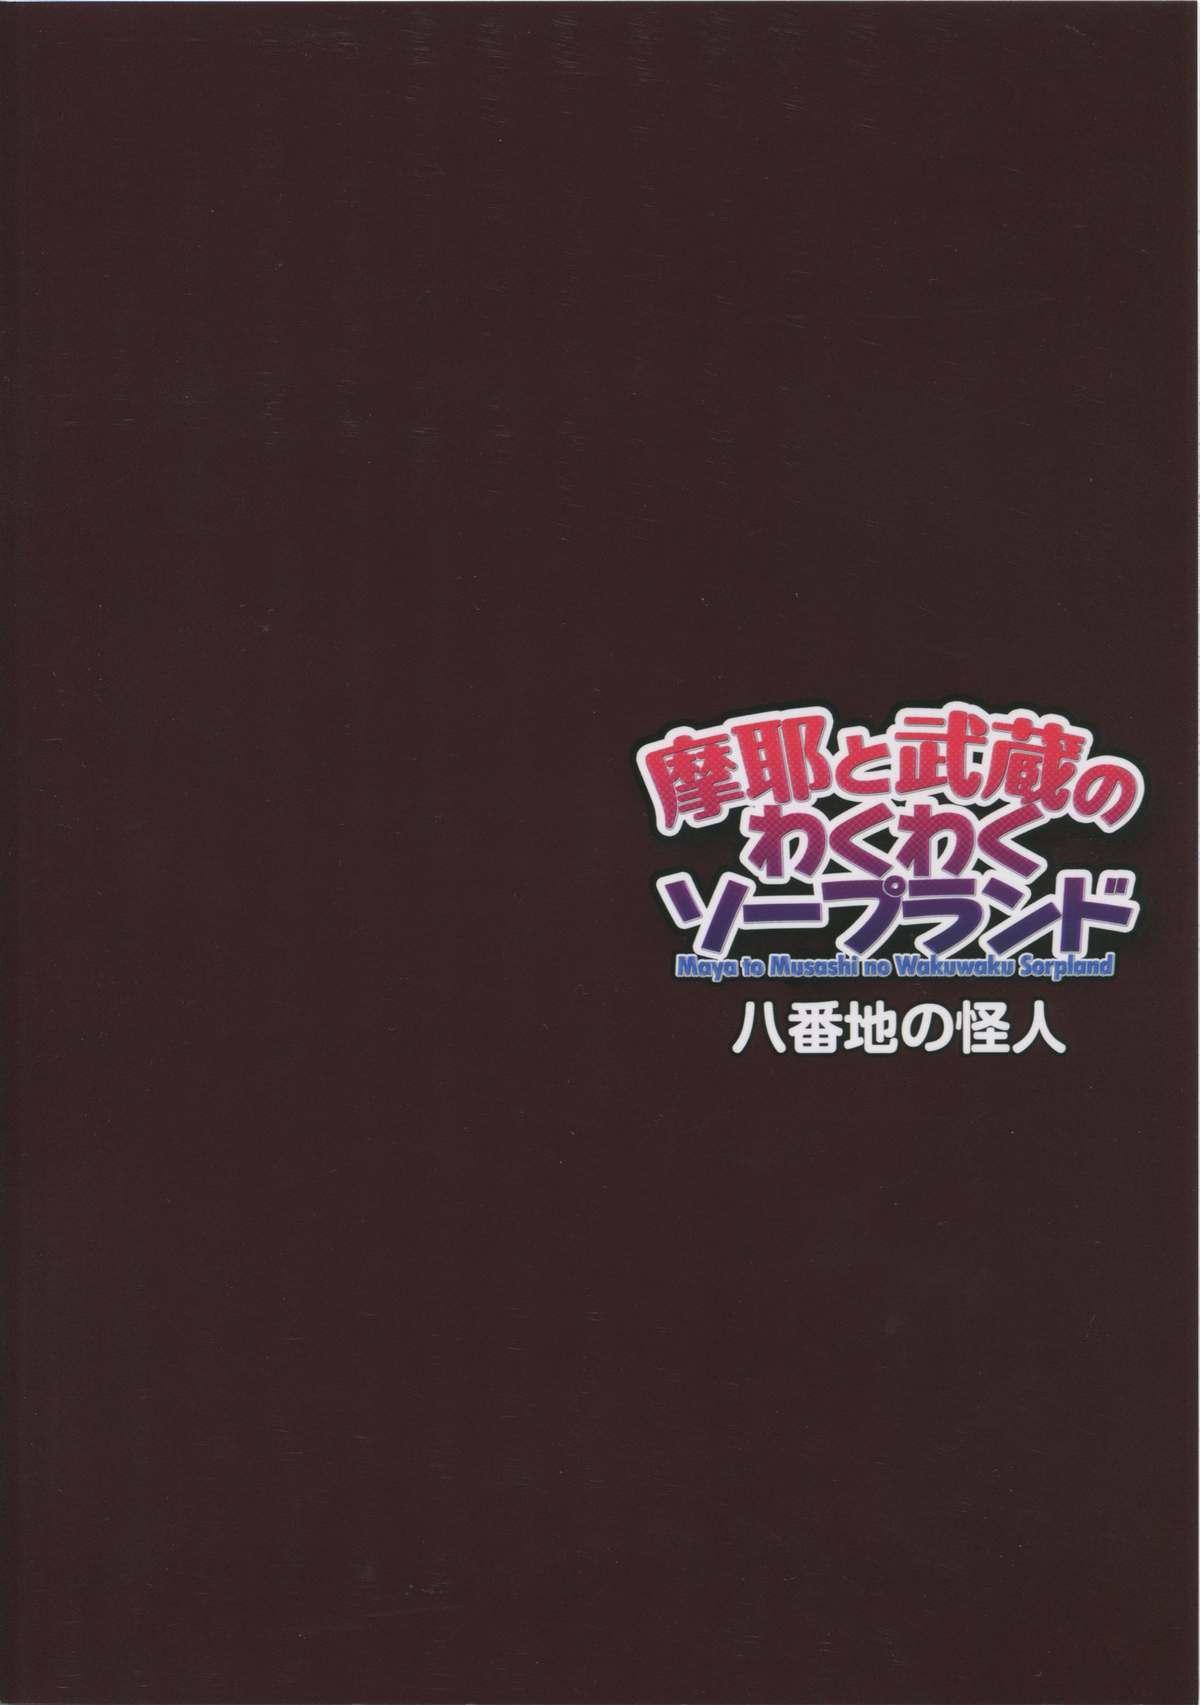 Maya to Musashi no Wakuwaku Soapland 32